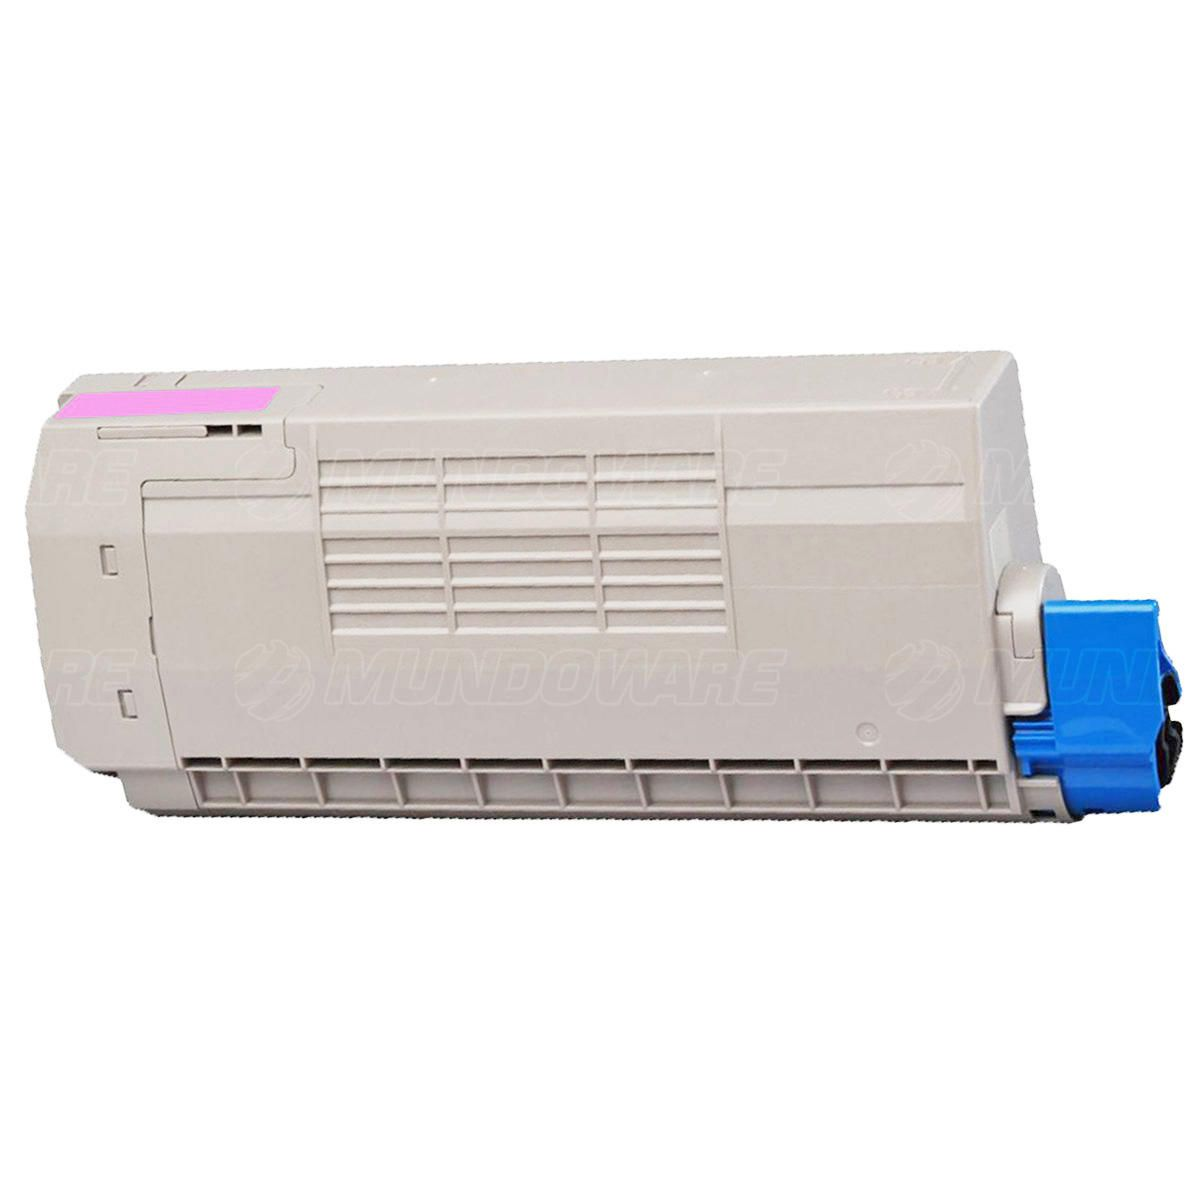 Compatível: Toner C710/711 para Impressora Okidata C710 C710n C710dn C710dtn C711 C711n C711dtn / Magenta / 11.500